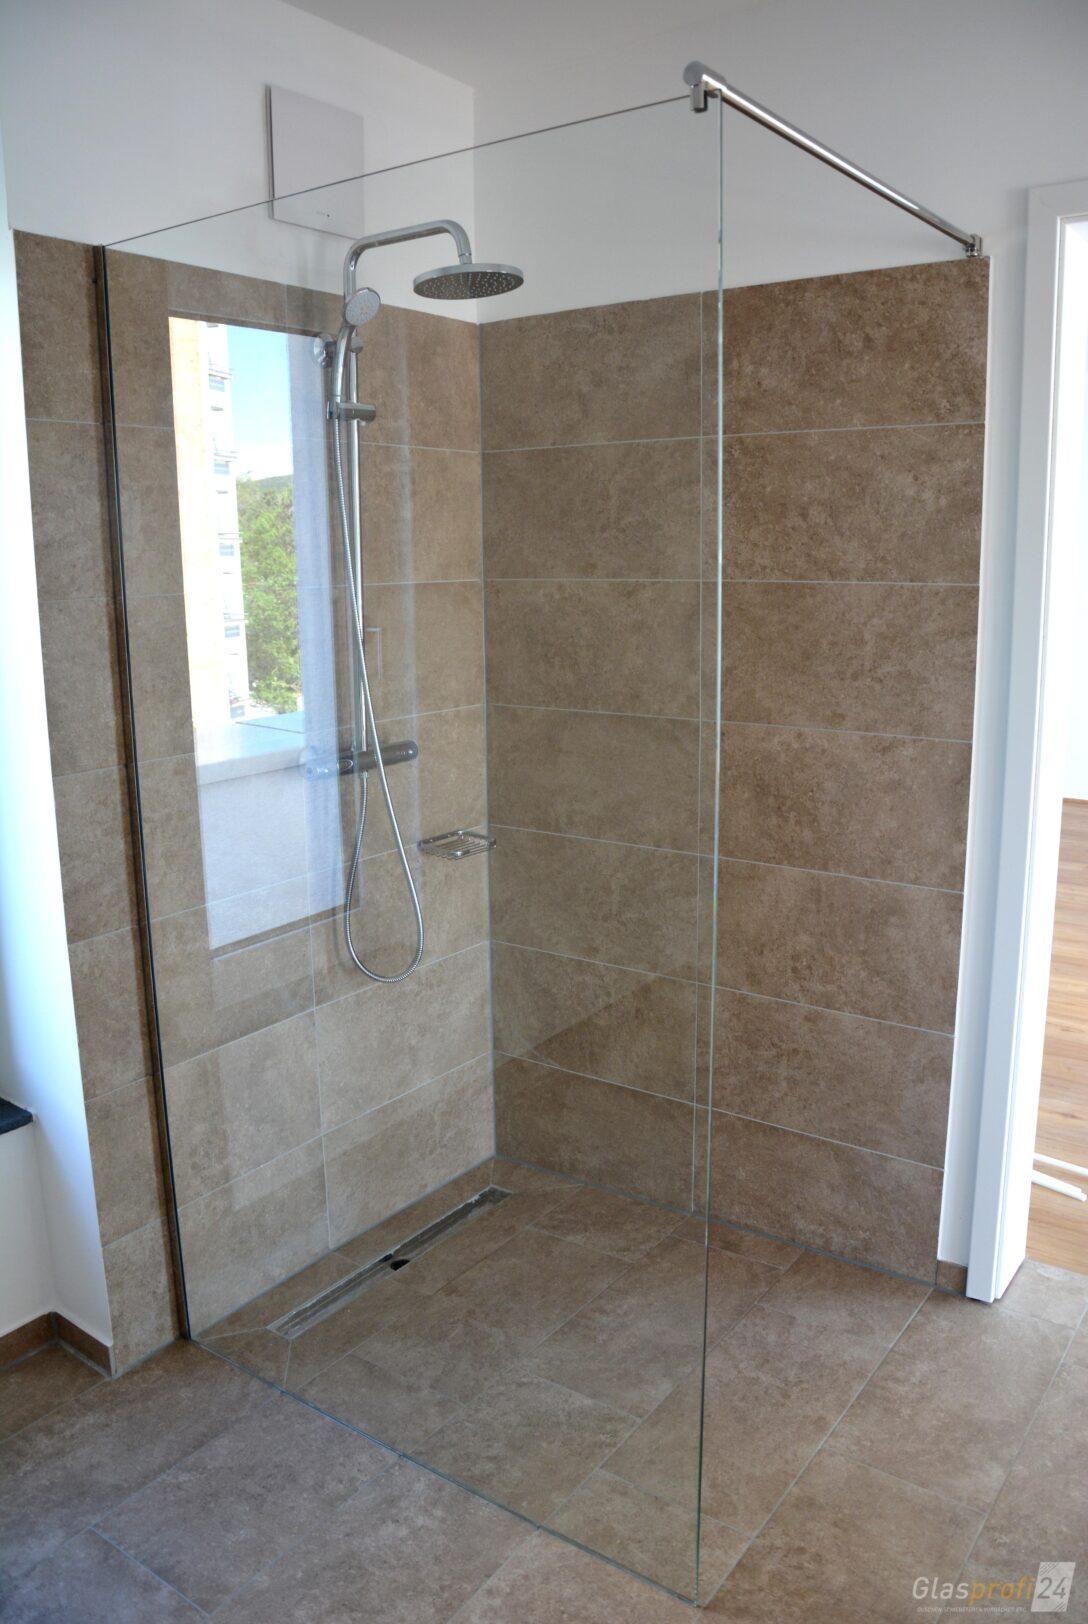 Large Size of Dusche Nischentür Eckeinstieg Bluetooth Lautsprecher Unterputz Glasabtrennung Raindance Badewanne 90x90 Bodengleiche Nachträglich Einbauen Grohe Thermostat Dusche Glastrennwand Dusche